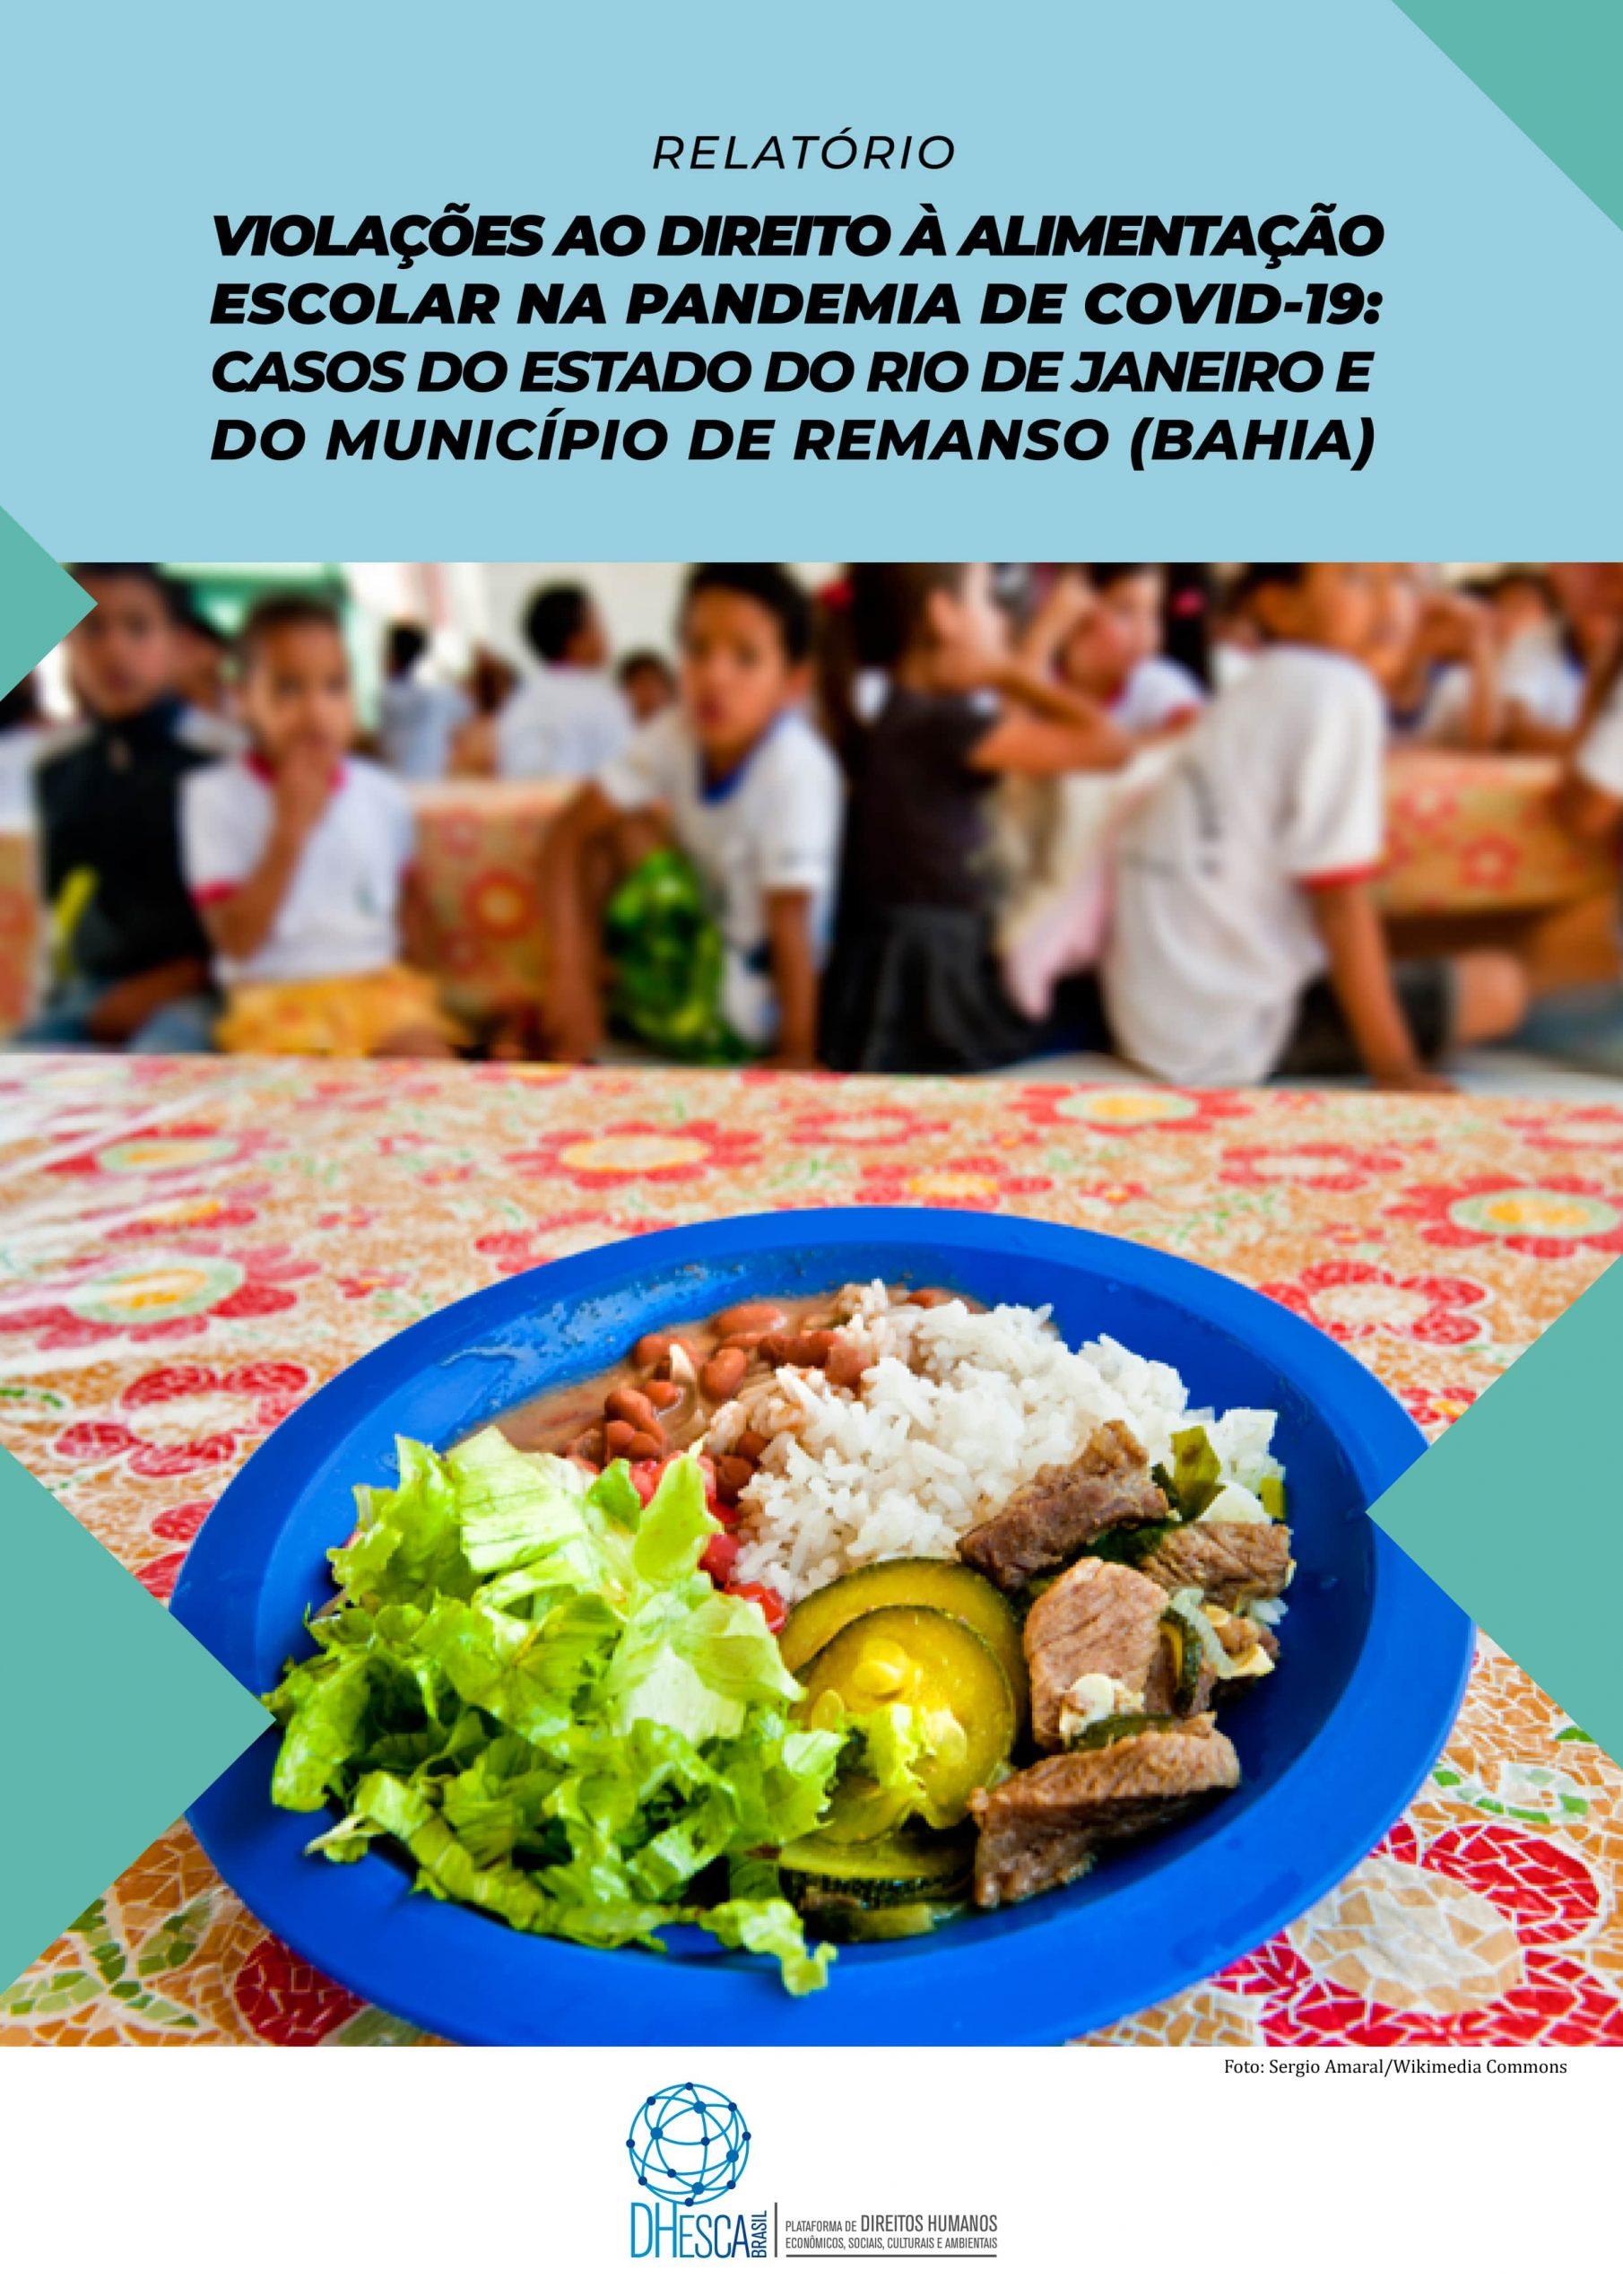 Foto: Divulgação/ DHESCA